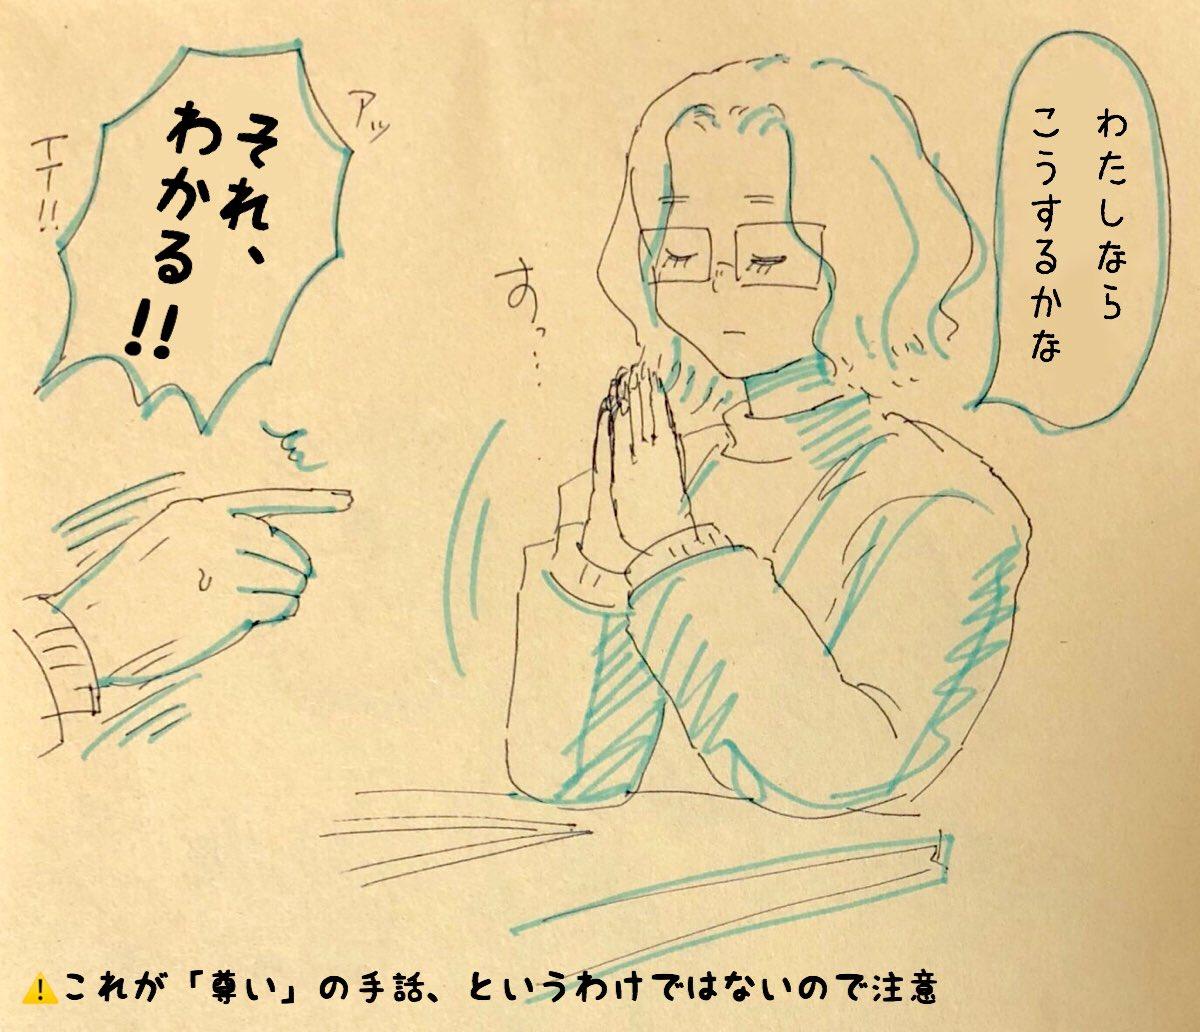 落書き漫画Twitterでバズってた「尊い」の手話について